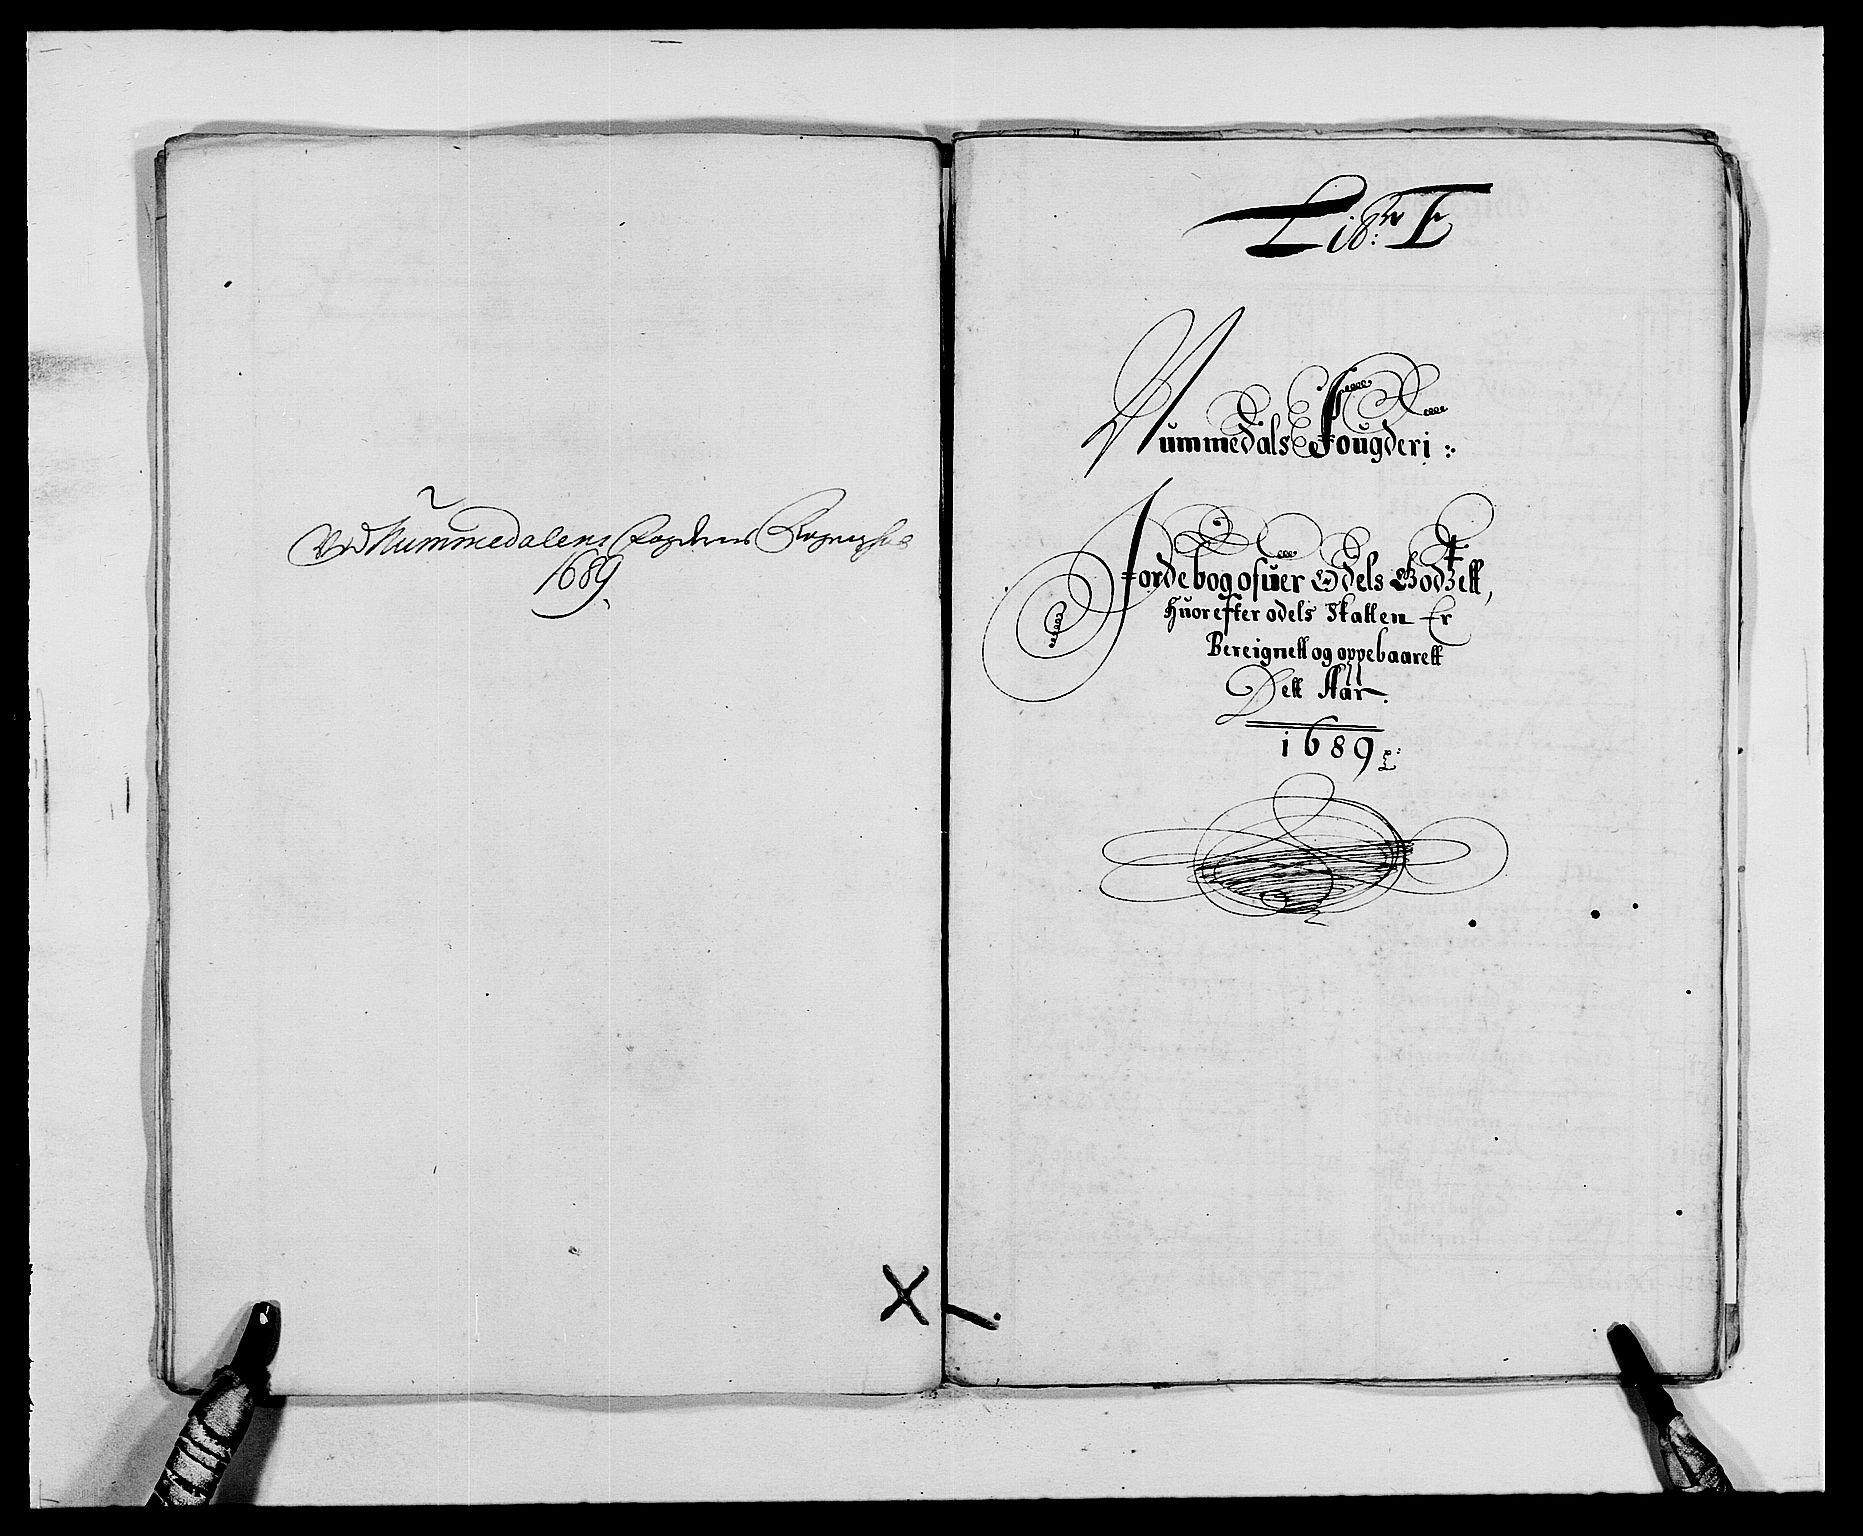 RA, Rentekammeret inntil 1814, Reviderte regnskaper, Fogderegnskap, R64/L4422: Fogderegnskap Namdal, 1687-1689, s. 220